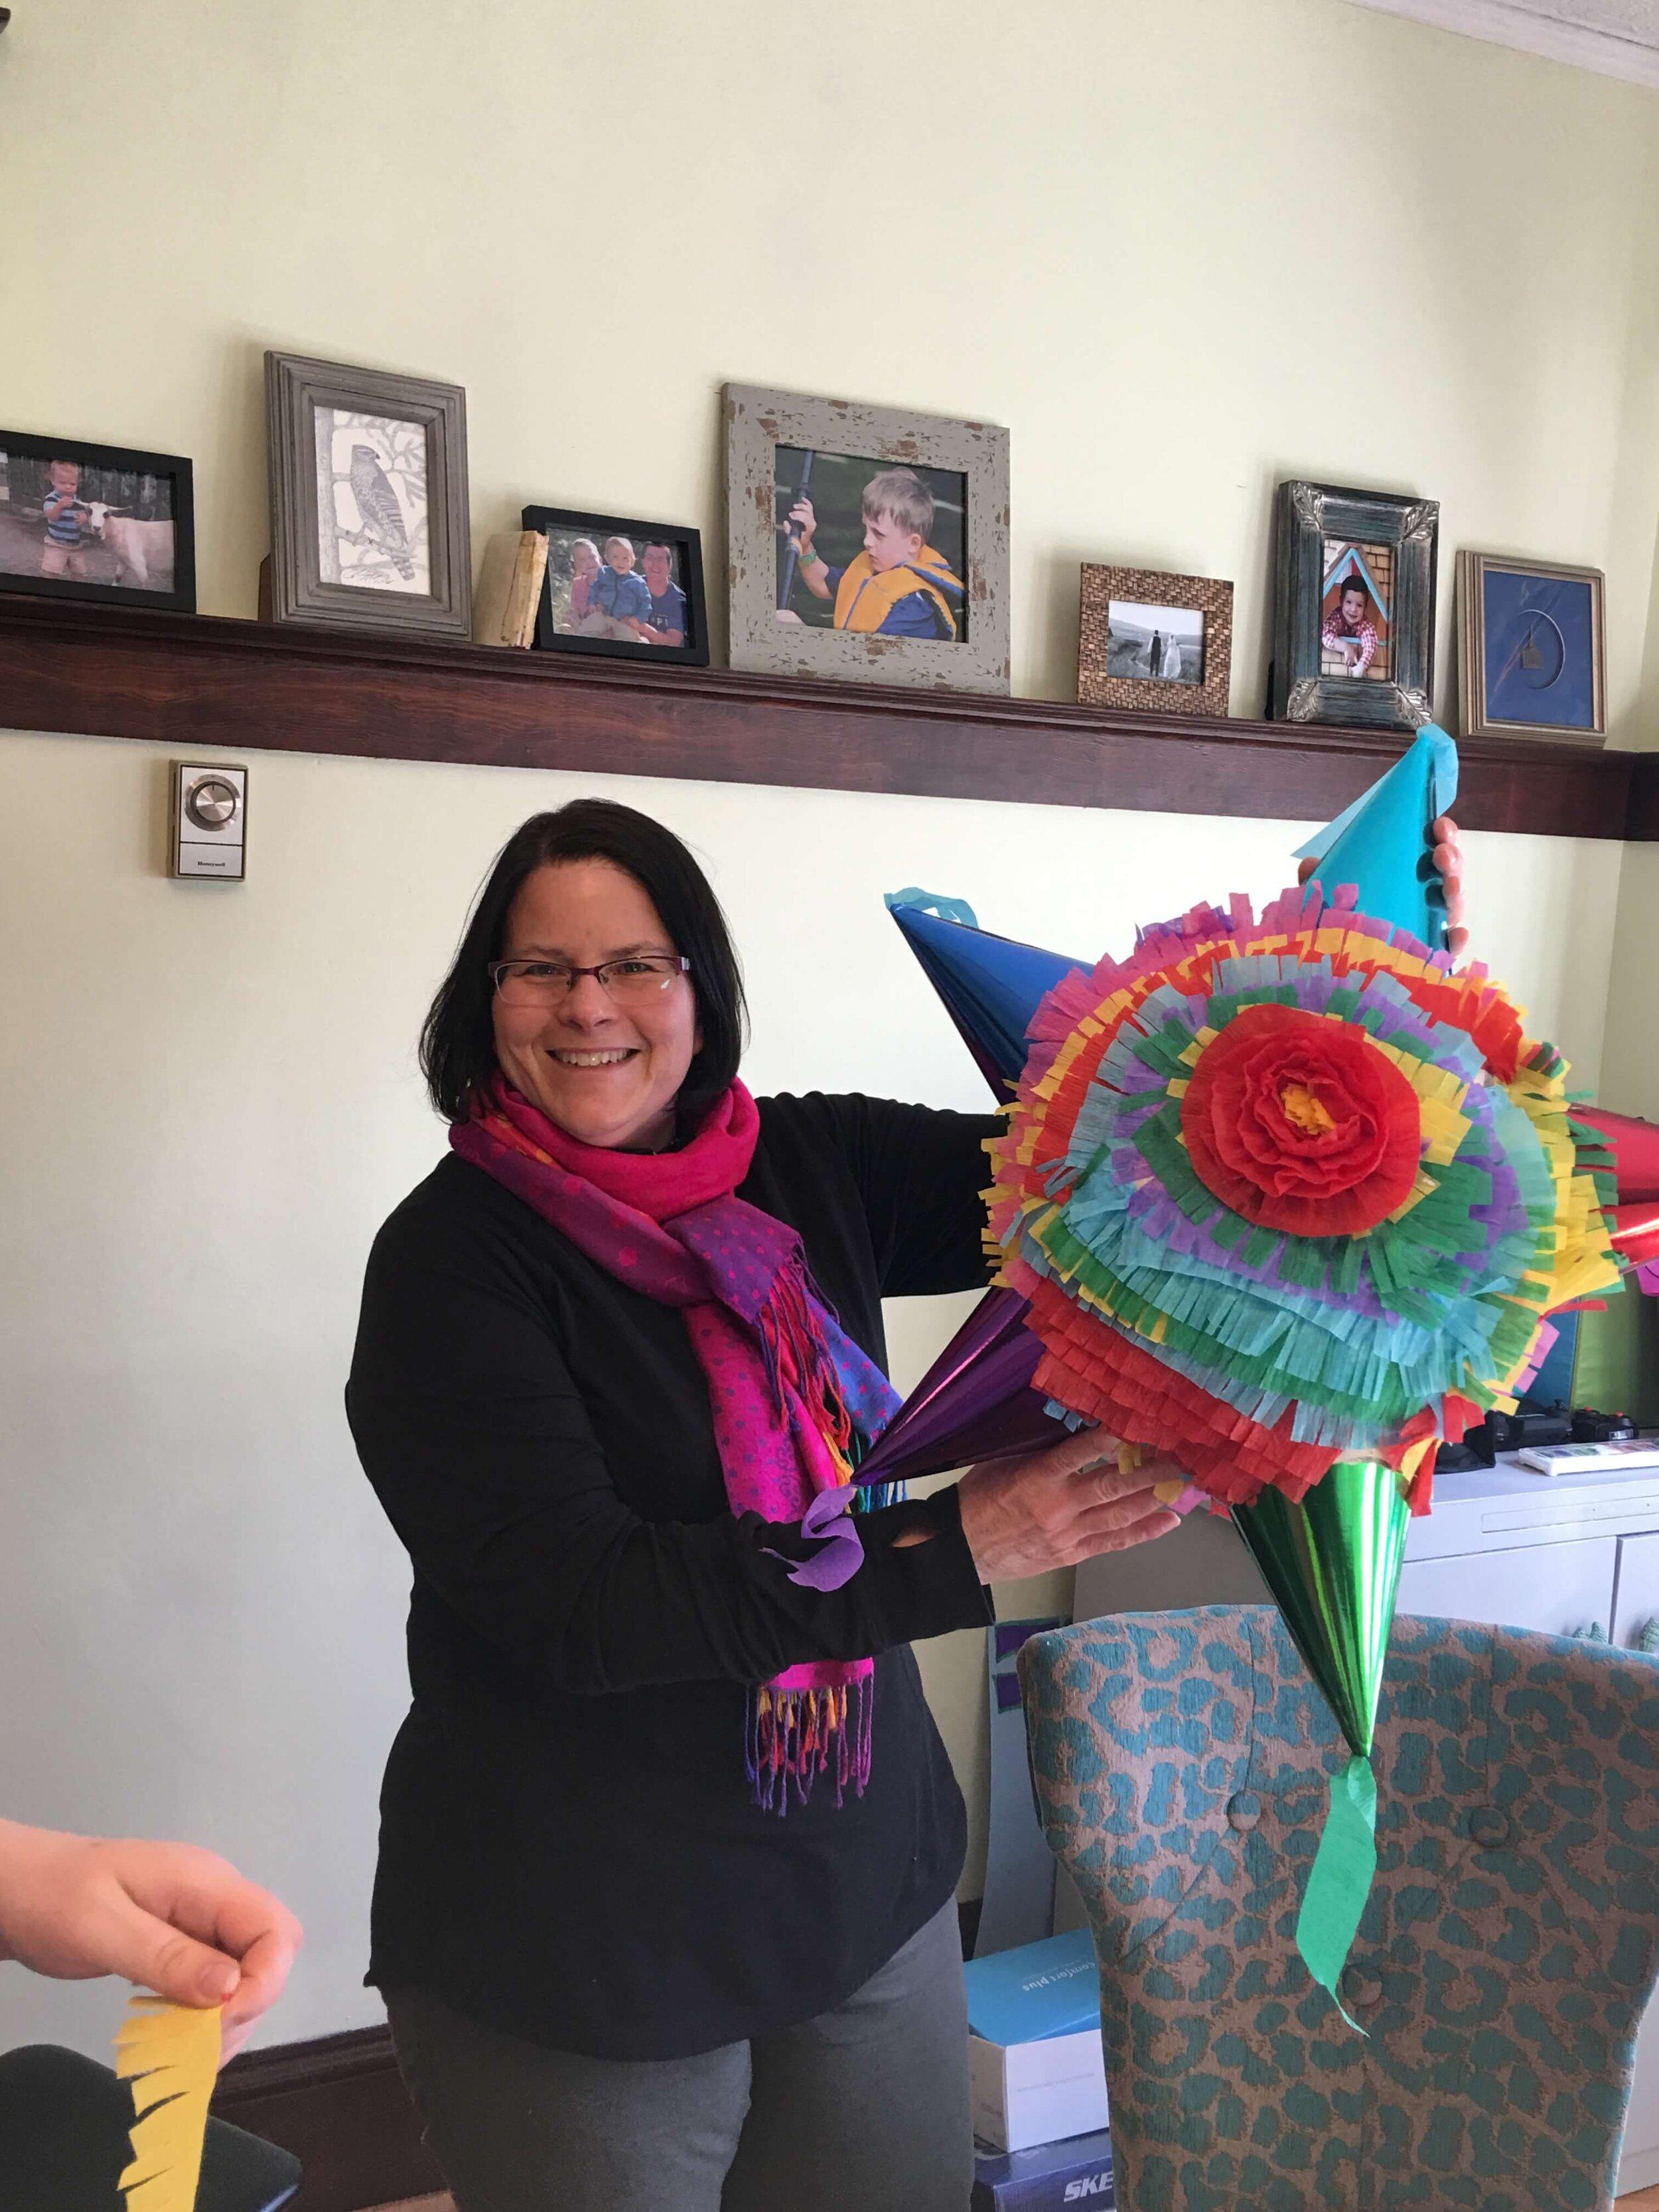 Piñata-making workshop